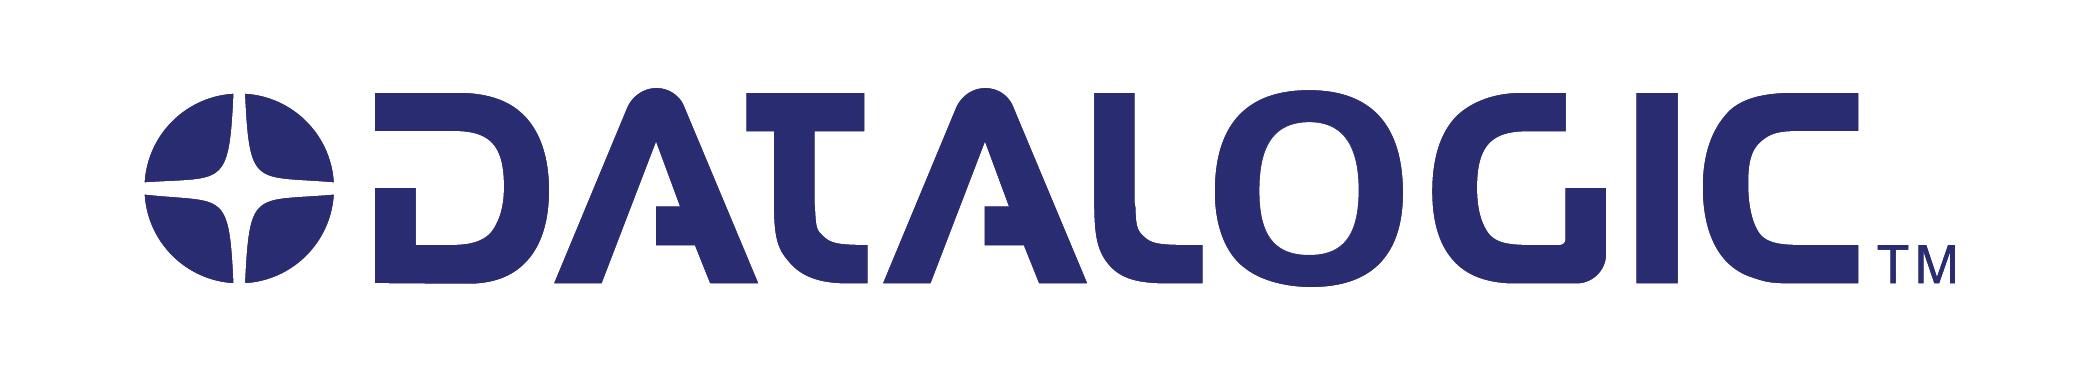 Datalogic Logo photo - 1